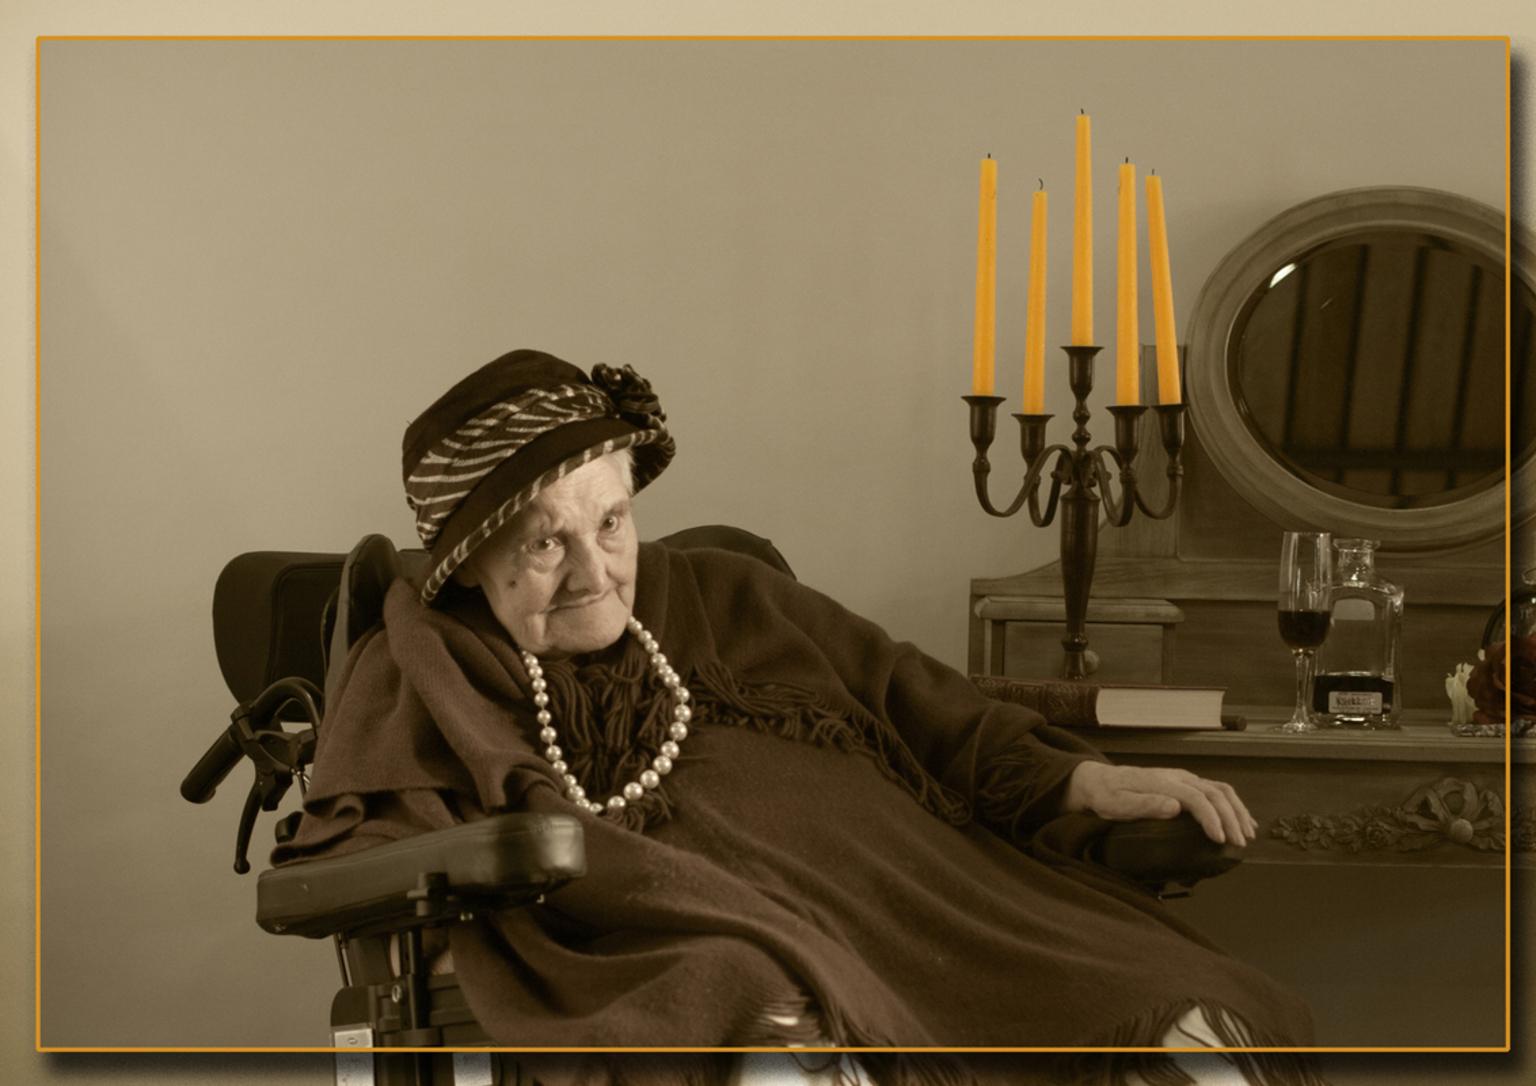 Senioren 29 - Voor de omschrijving zie senioren 1 - foto door kosmopol op 18-01-2012 - deze foto bevat: portret, glamour, senioren, kosmopol